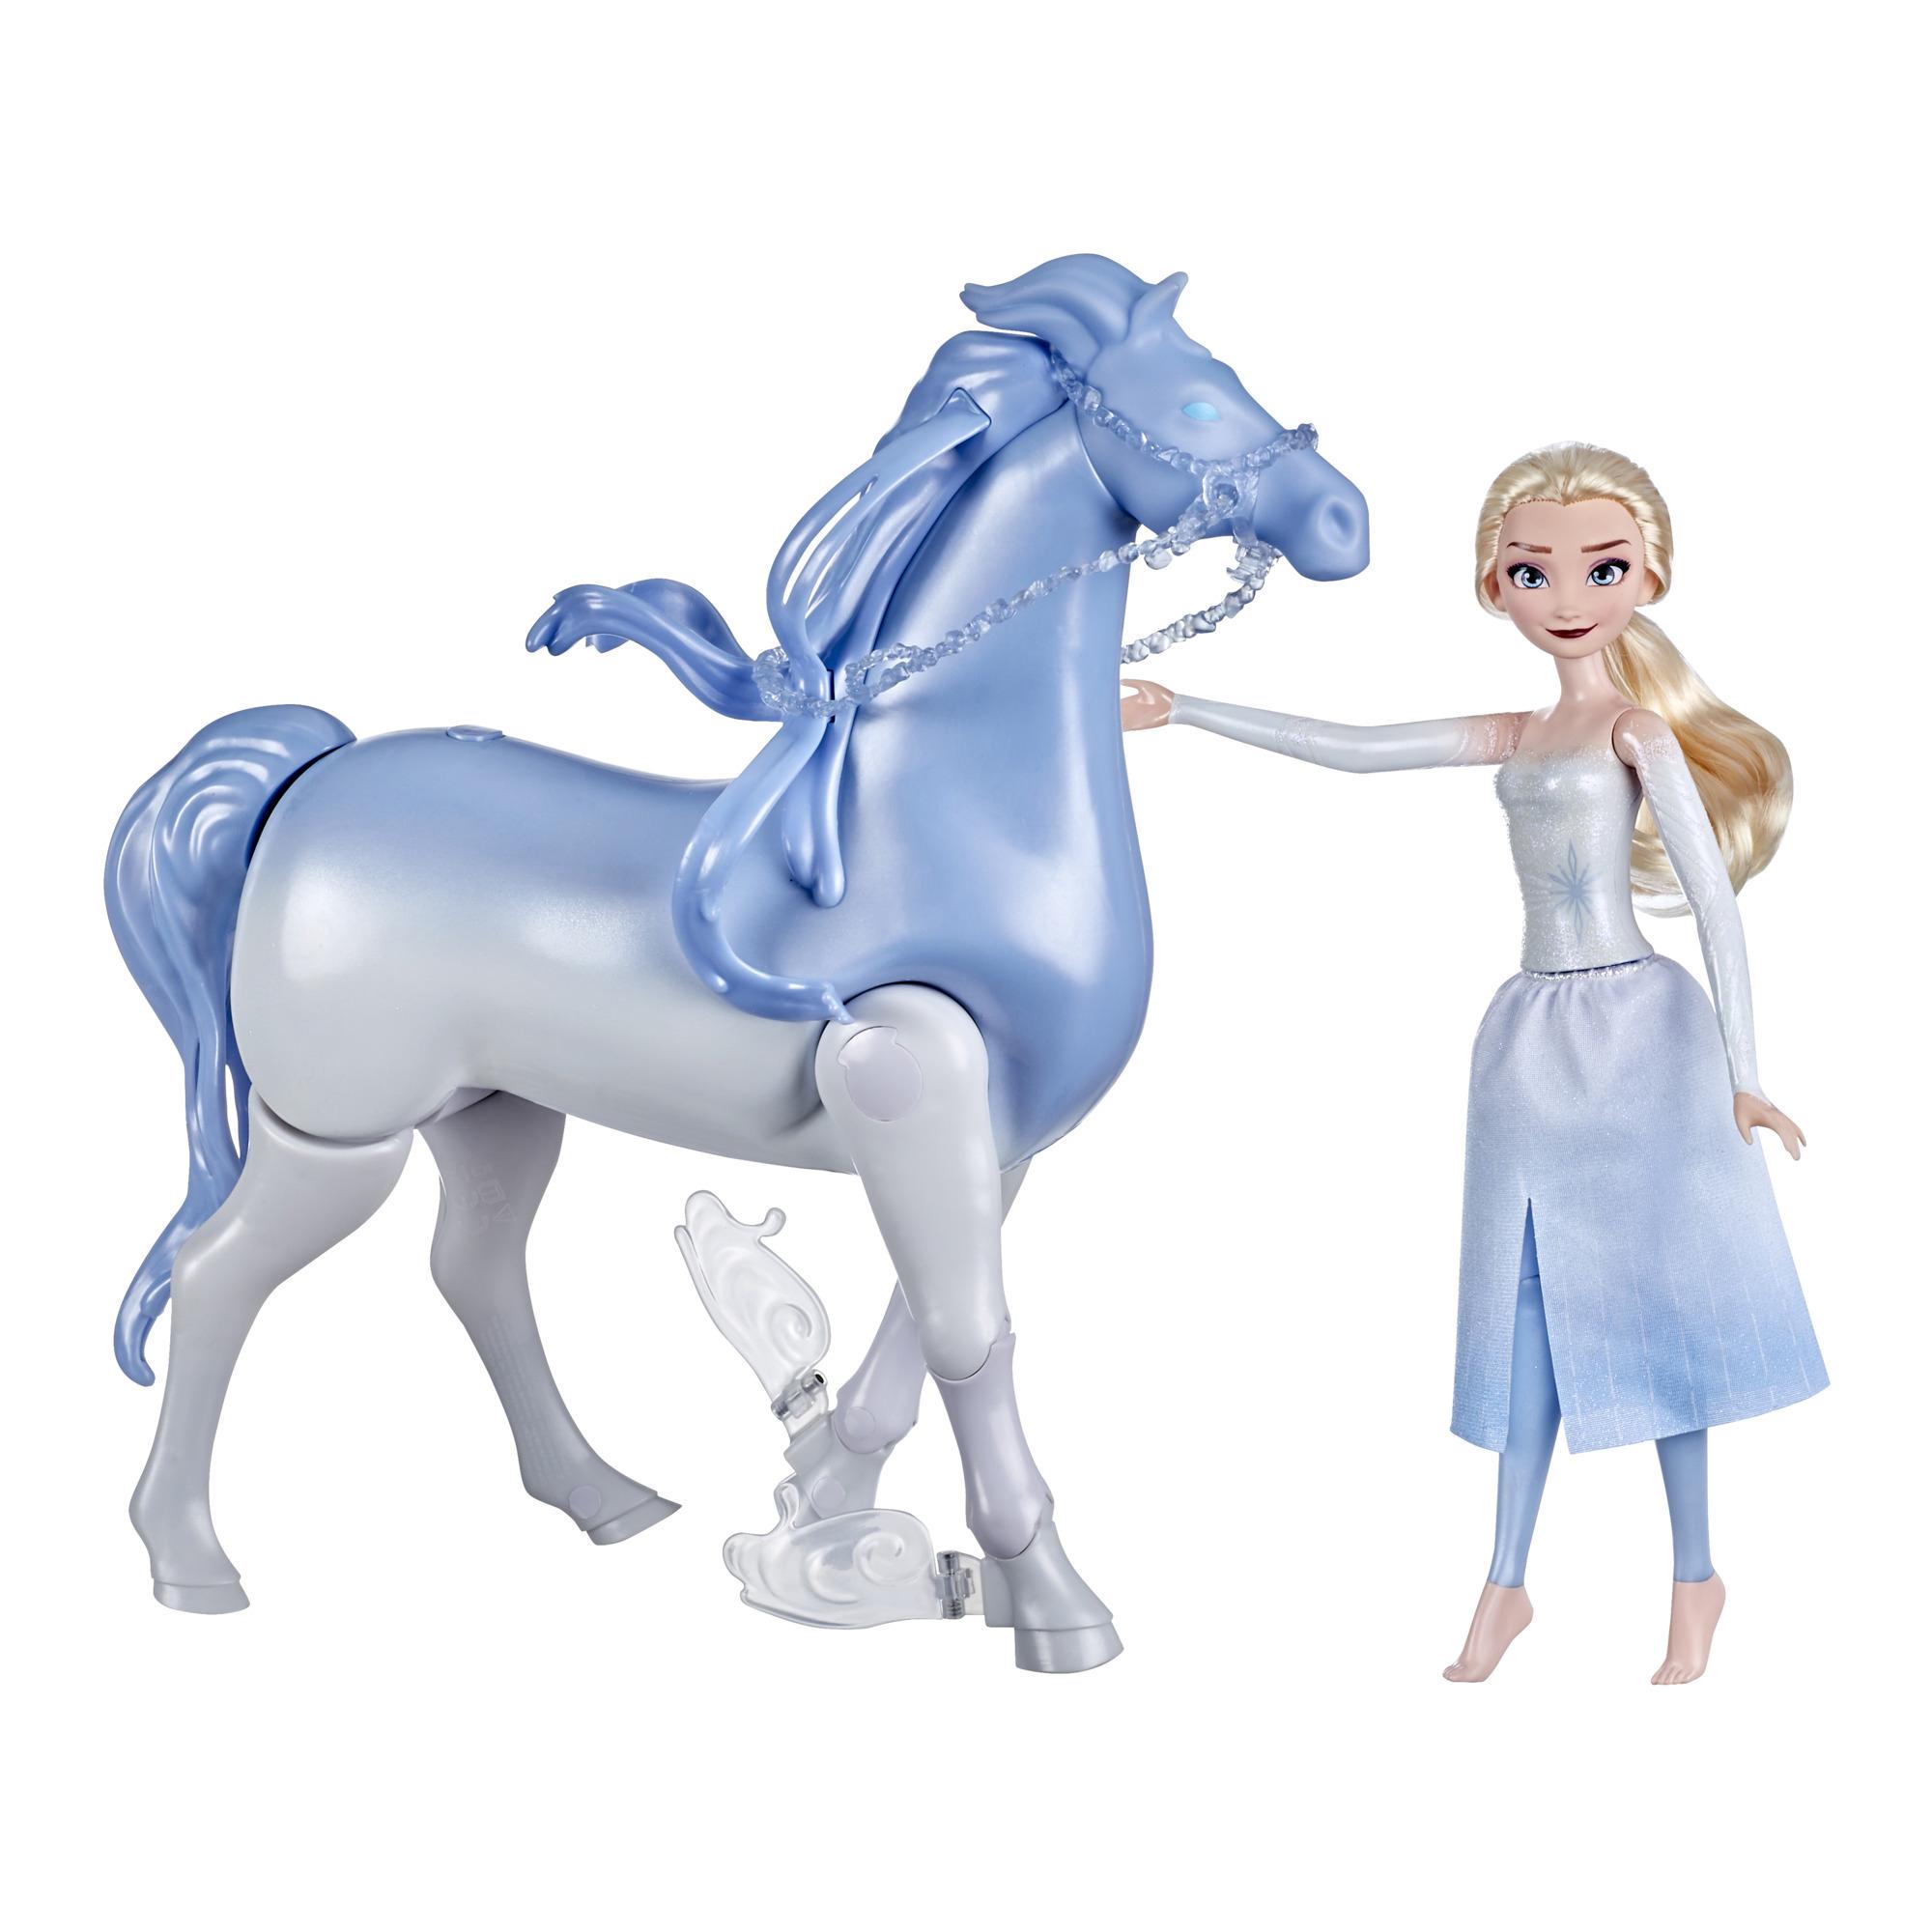 Disney La Reine des neiges 2, Elsa et Nokk interactif, poupées pour enfants inspirées de La Reine des neiges 2 de Disney